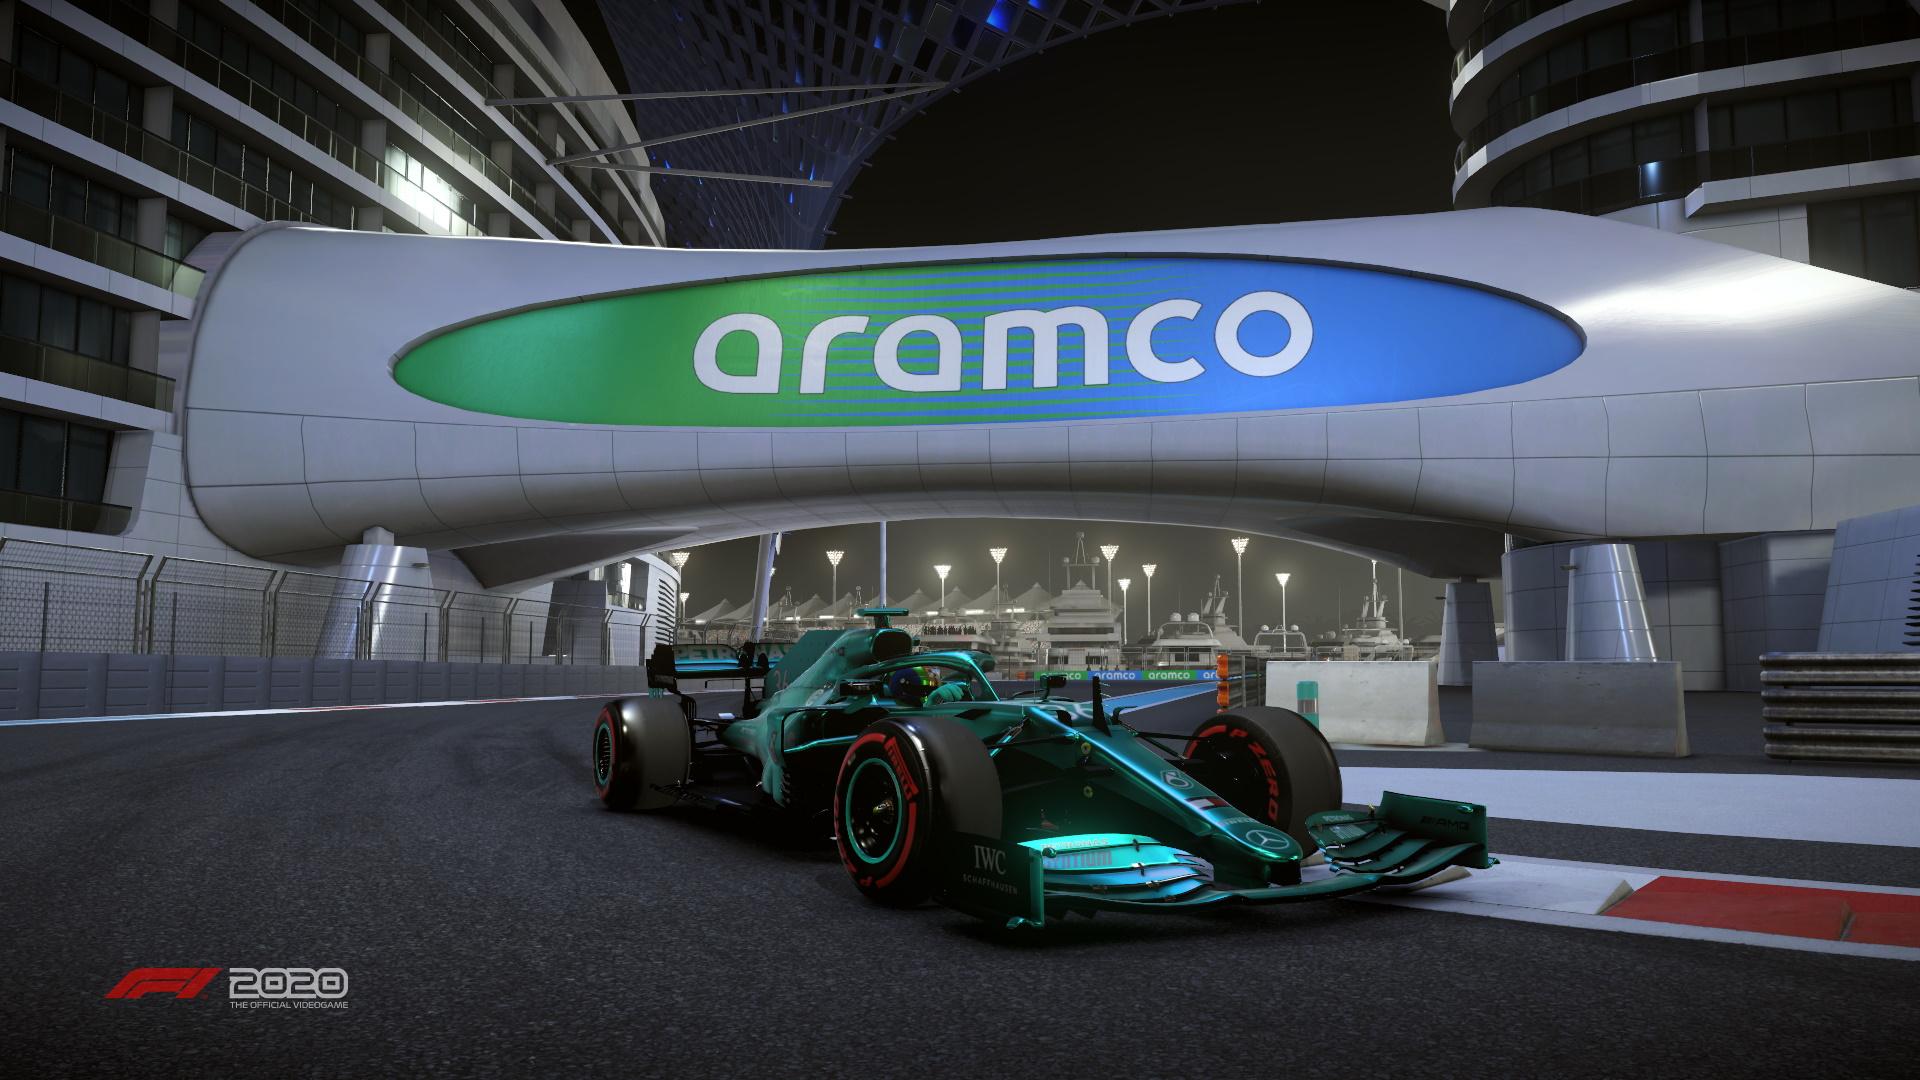 F1 2020 - DX12 Screenshot 2020.12.15 - 18.57.47.85.jpg